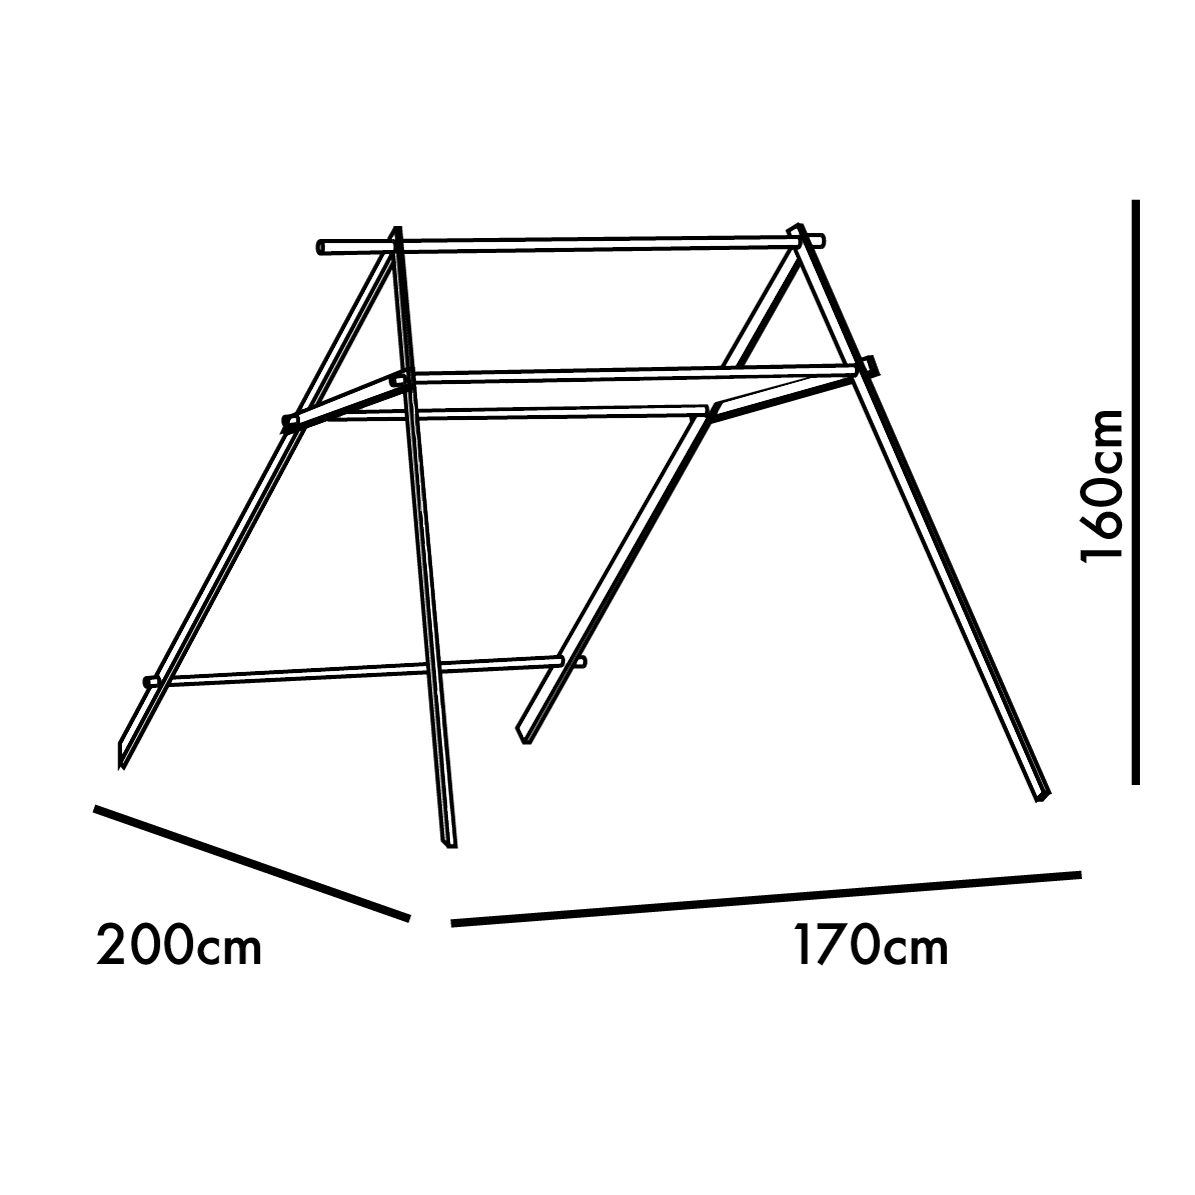 belleile_pt_dimensions